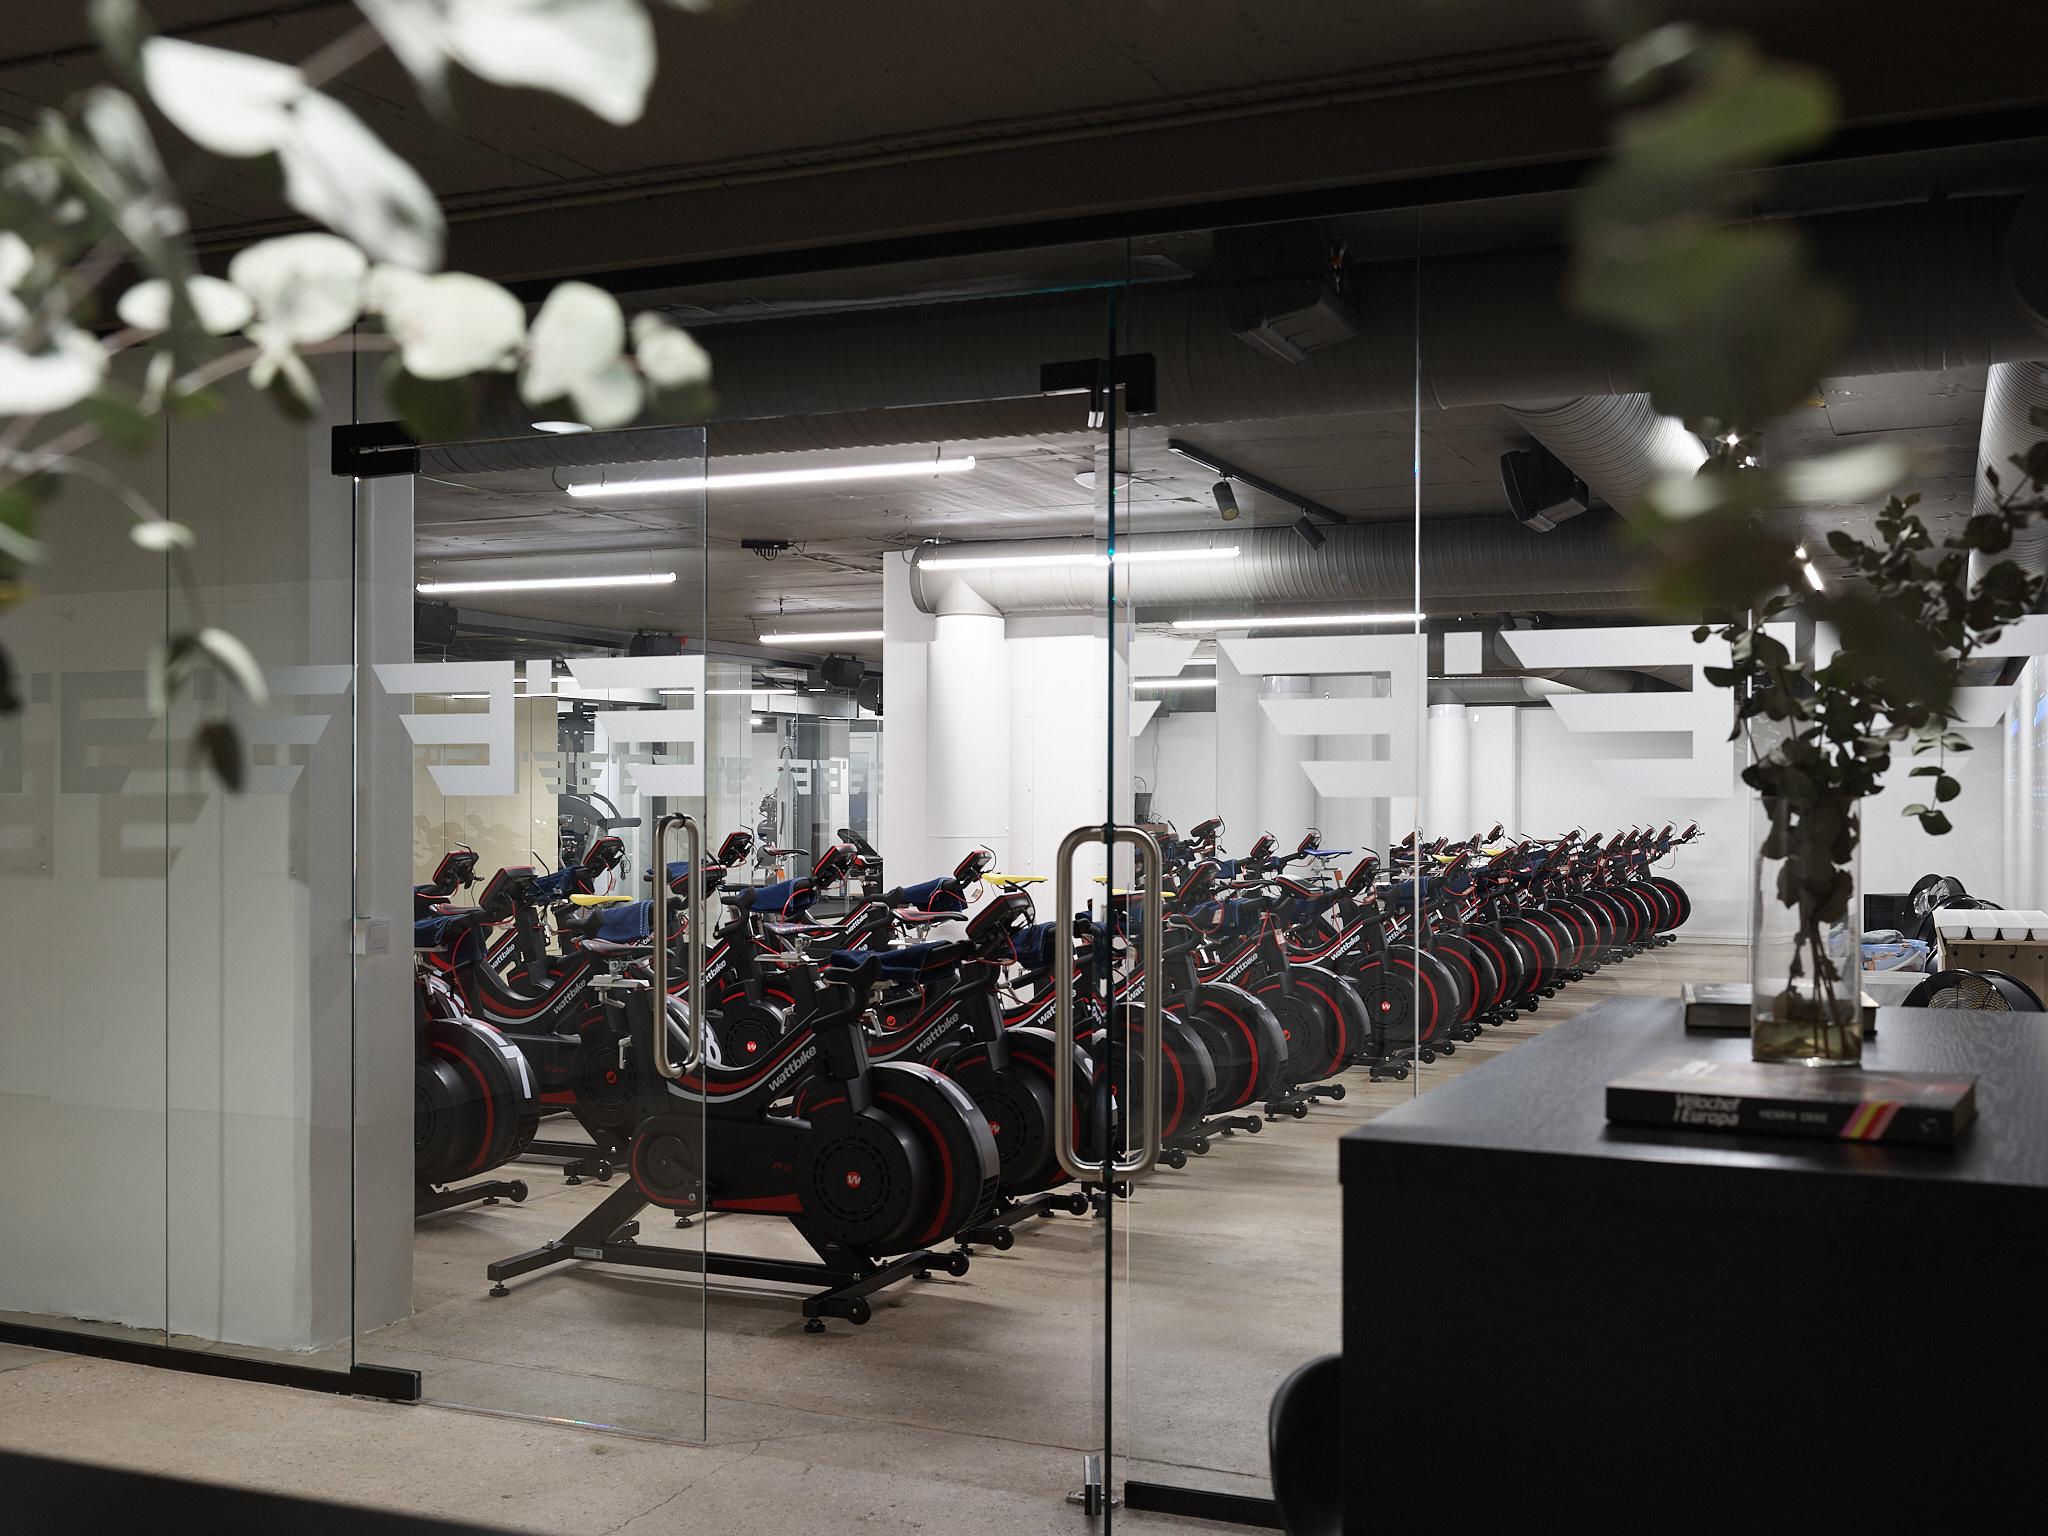 Ditt cykellabb - Vår studio är för dig som vill nå resultat. Över tre våningar hittar du de faciliteter som behövs för att hjälpa dig nå dina mål som cyklist. I cykellabbet finns 40 moderna Wattbike-cyklar som står dig till förfogande och här coachar några av Sveriges främsta instruktörer och cykeltränare.